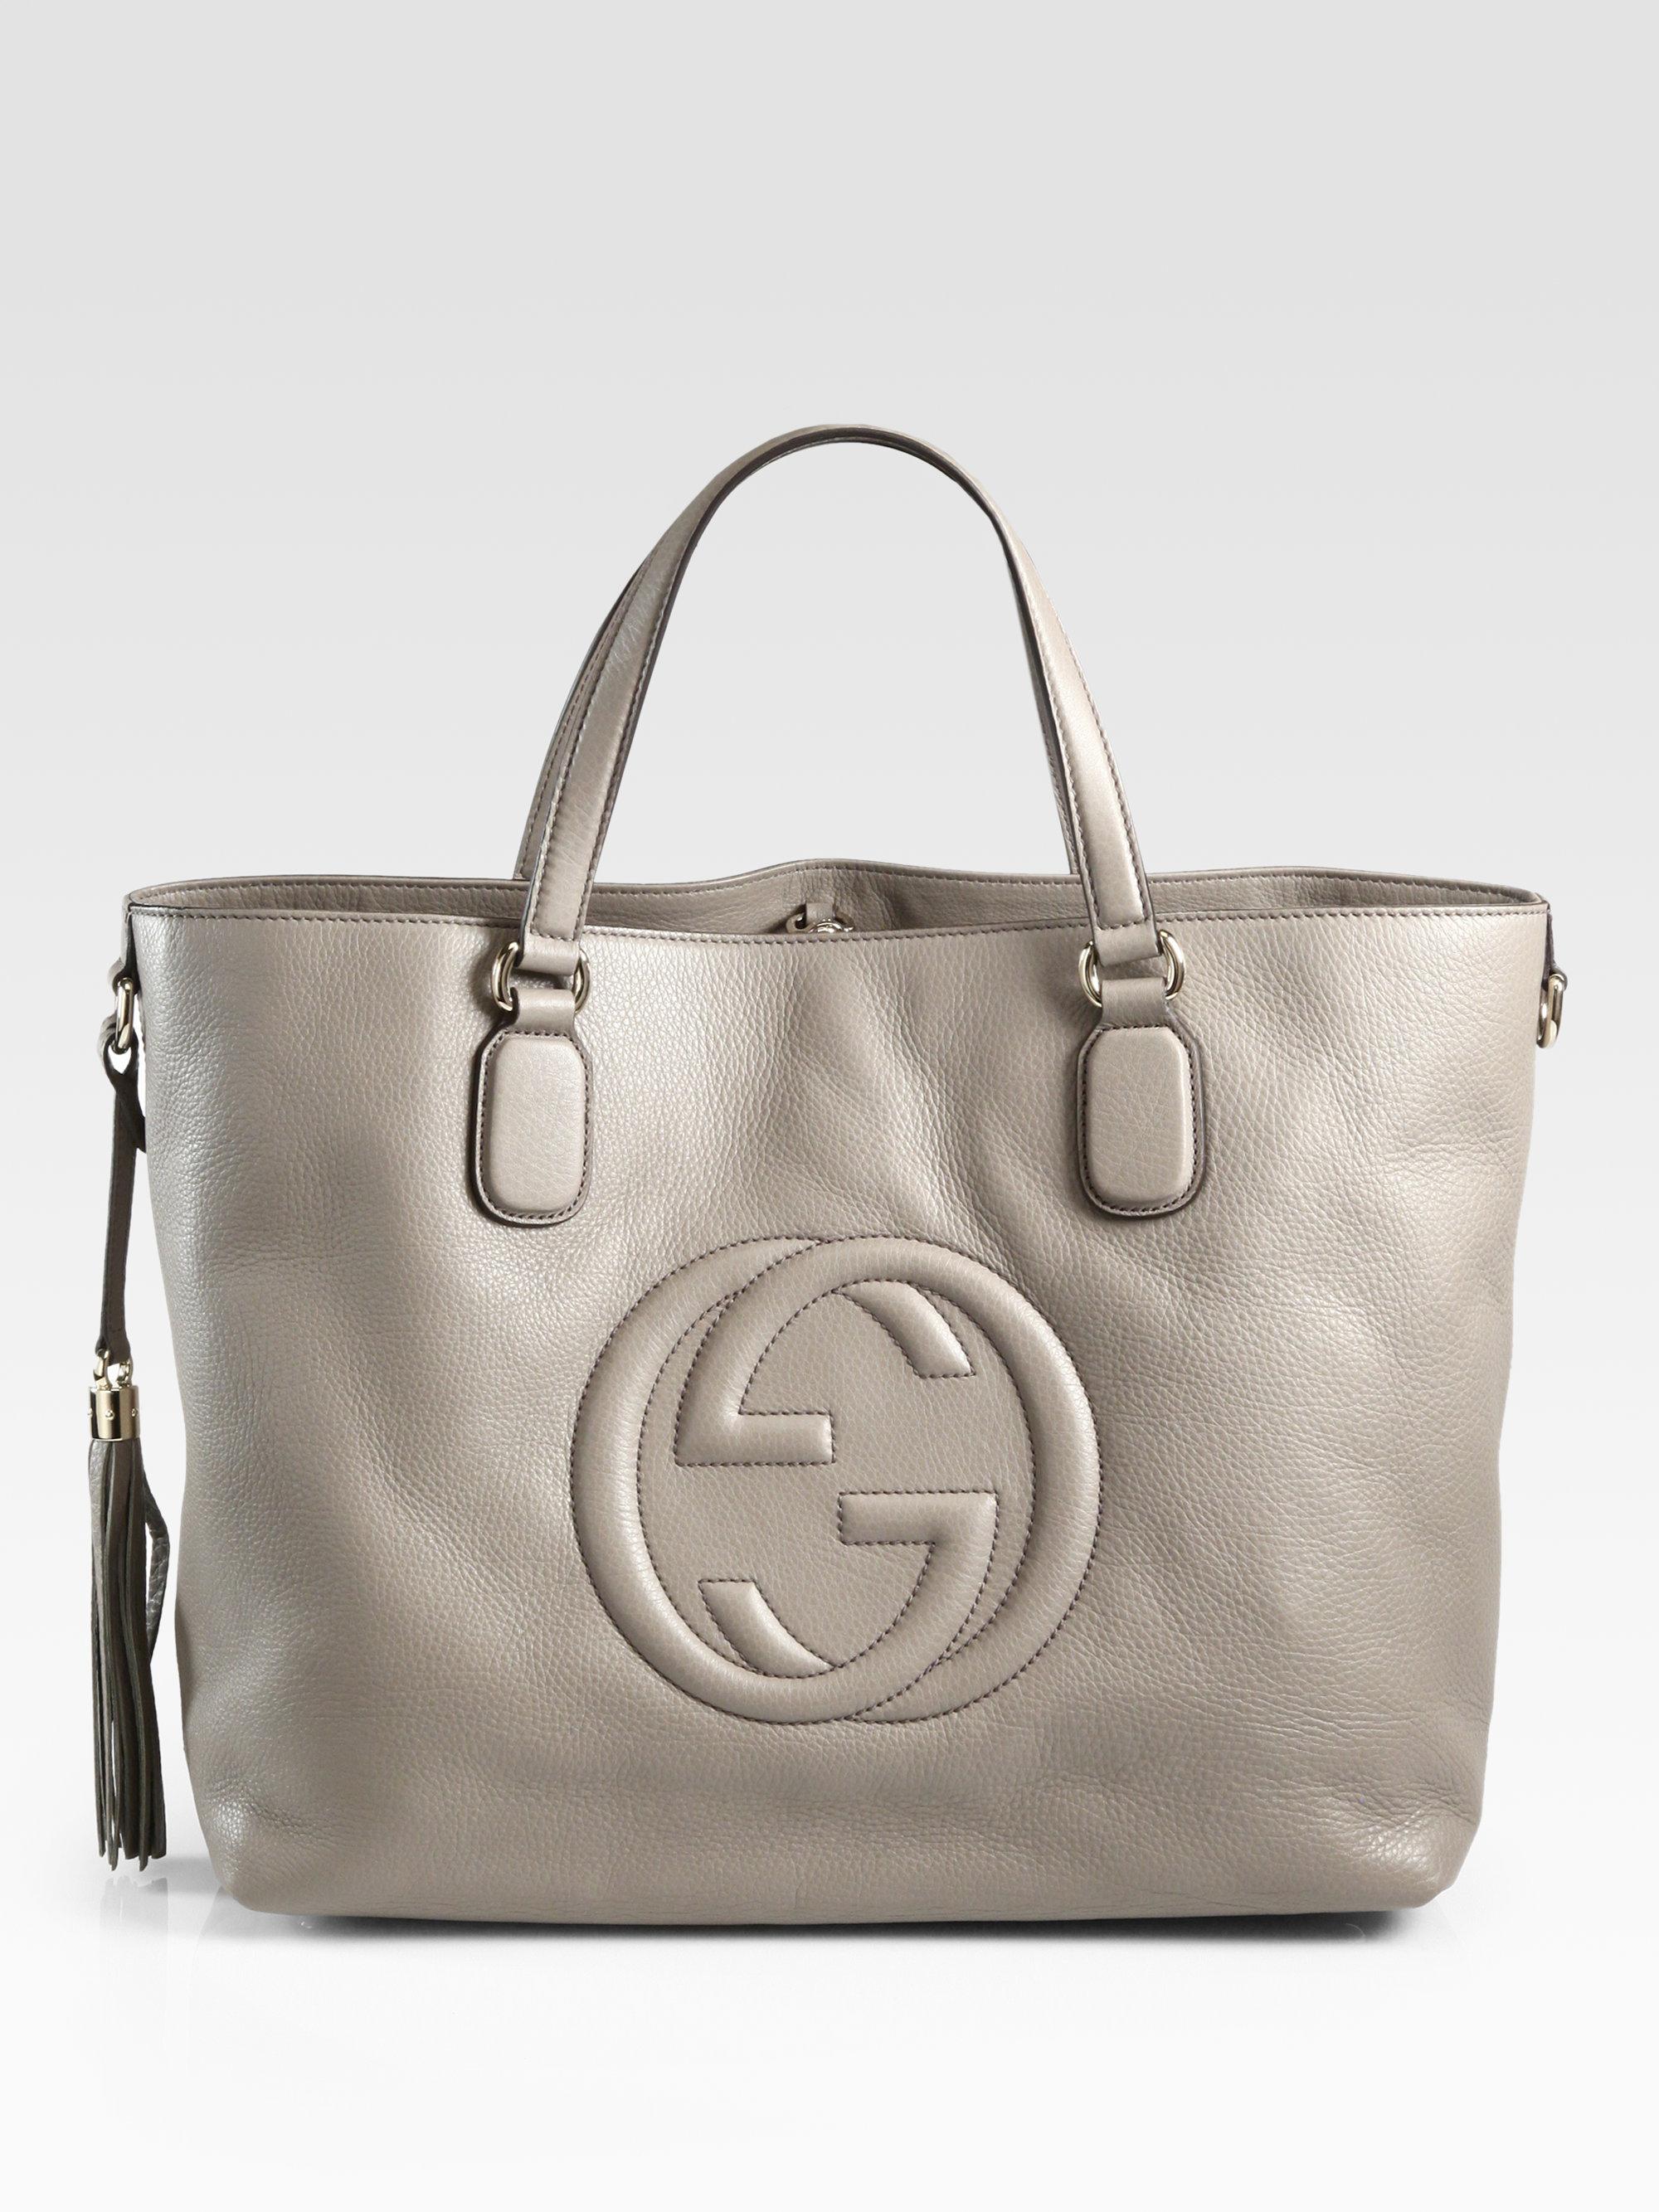 916d0da9a39 Lyst - Gucci Soho Medium Tote Bag in Gray